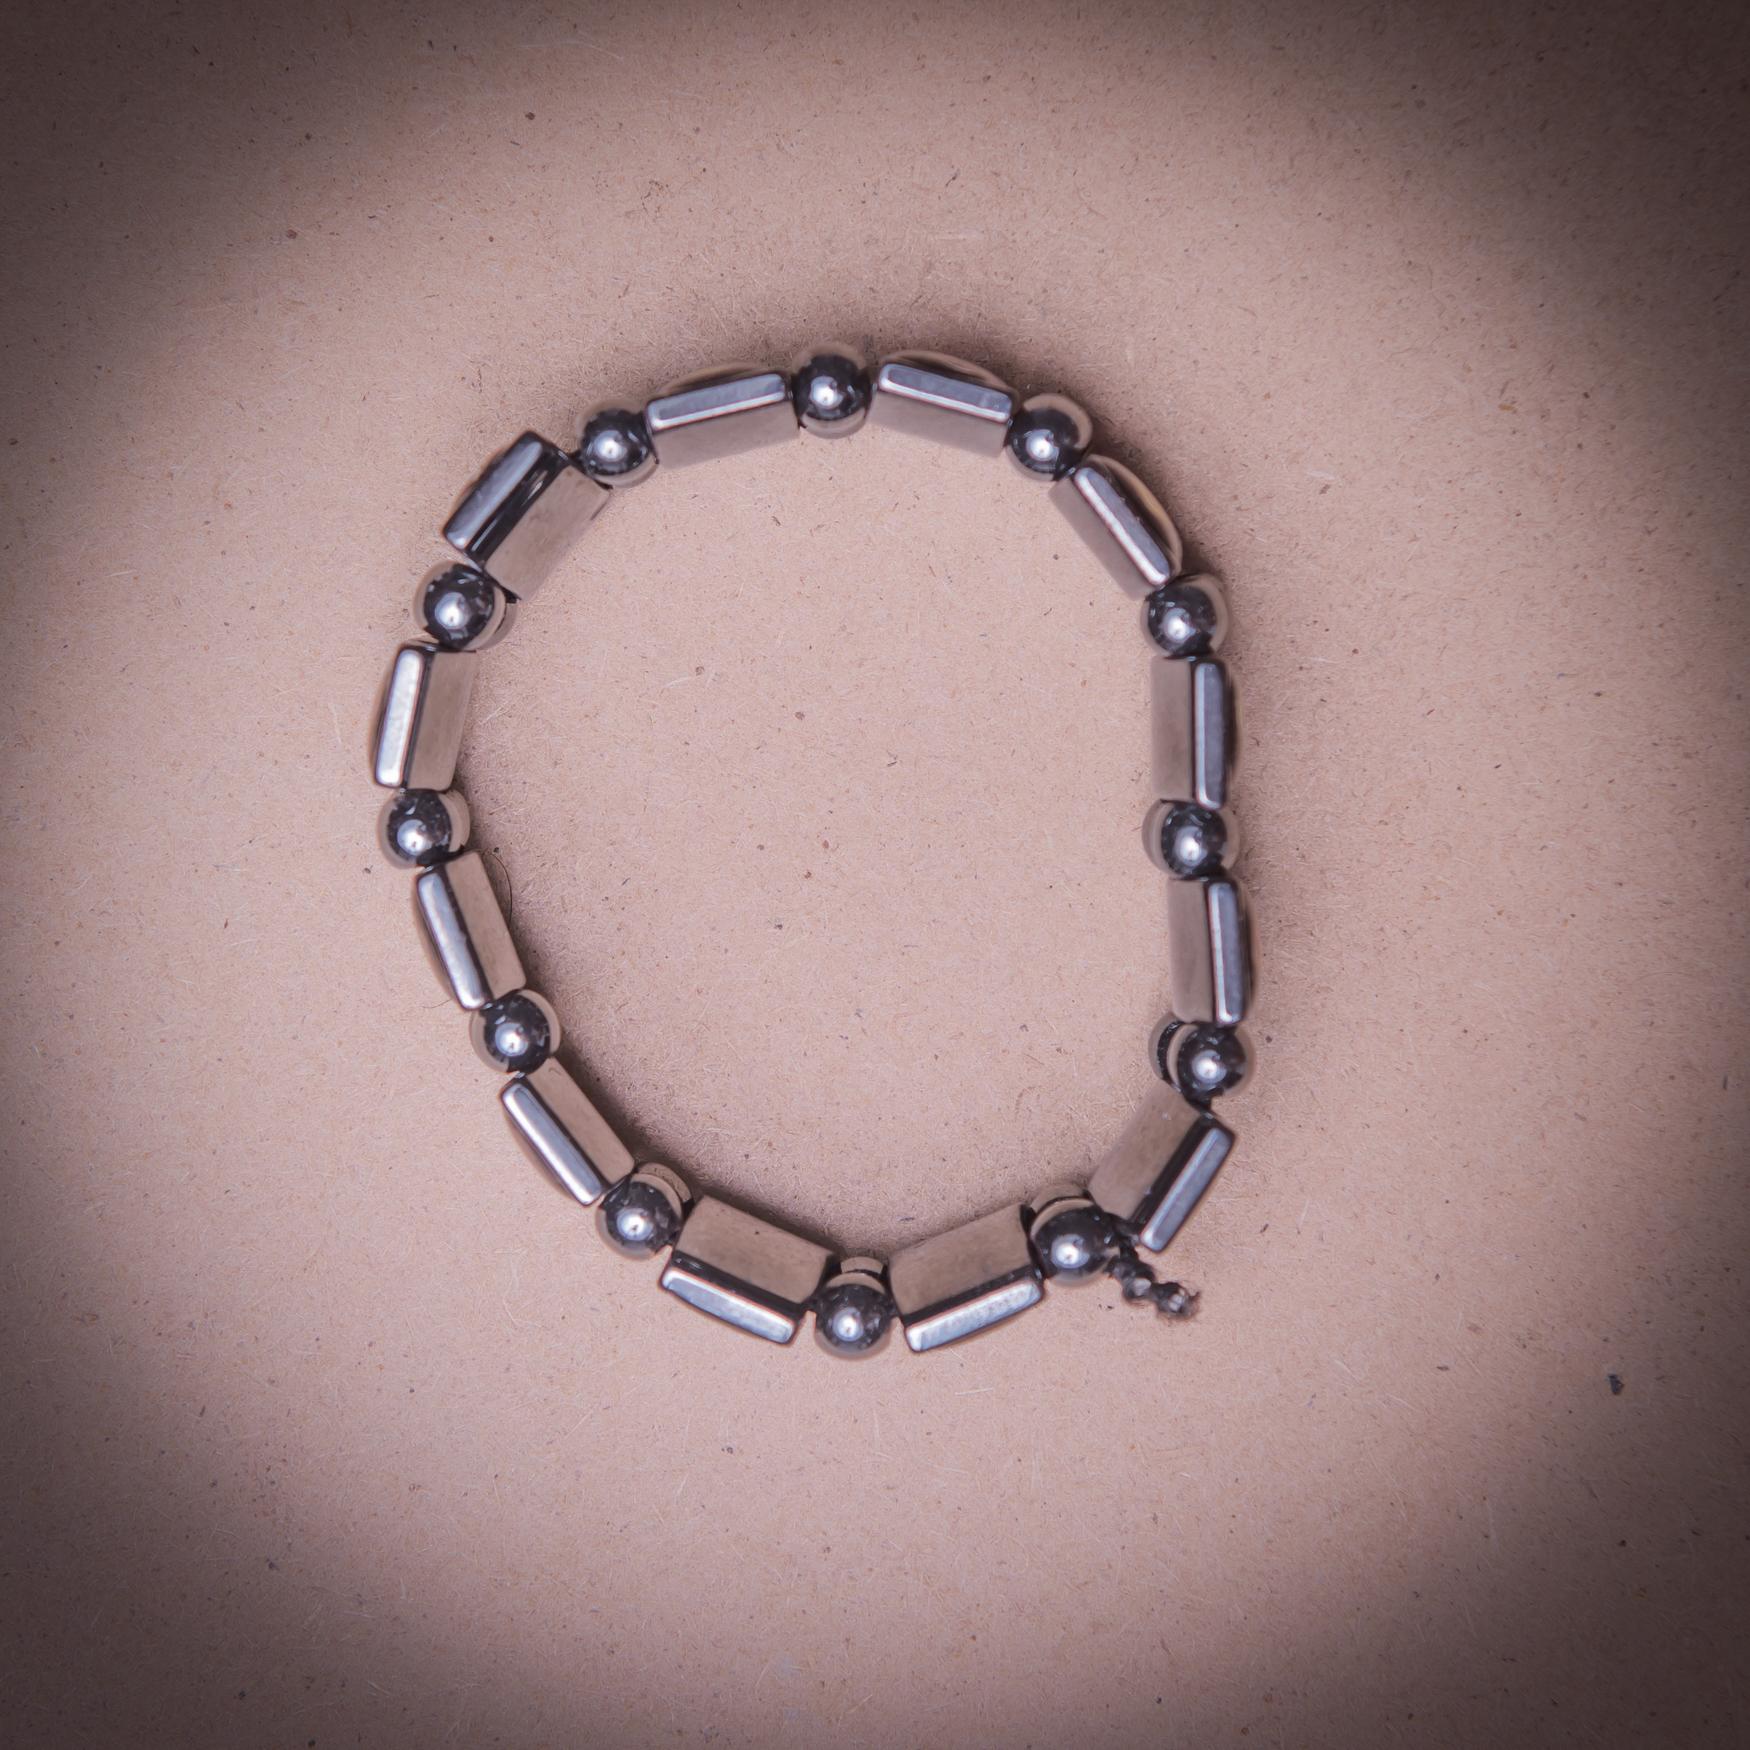 005/0017 Hematite  bracelet with icons